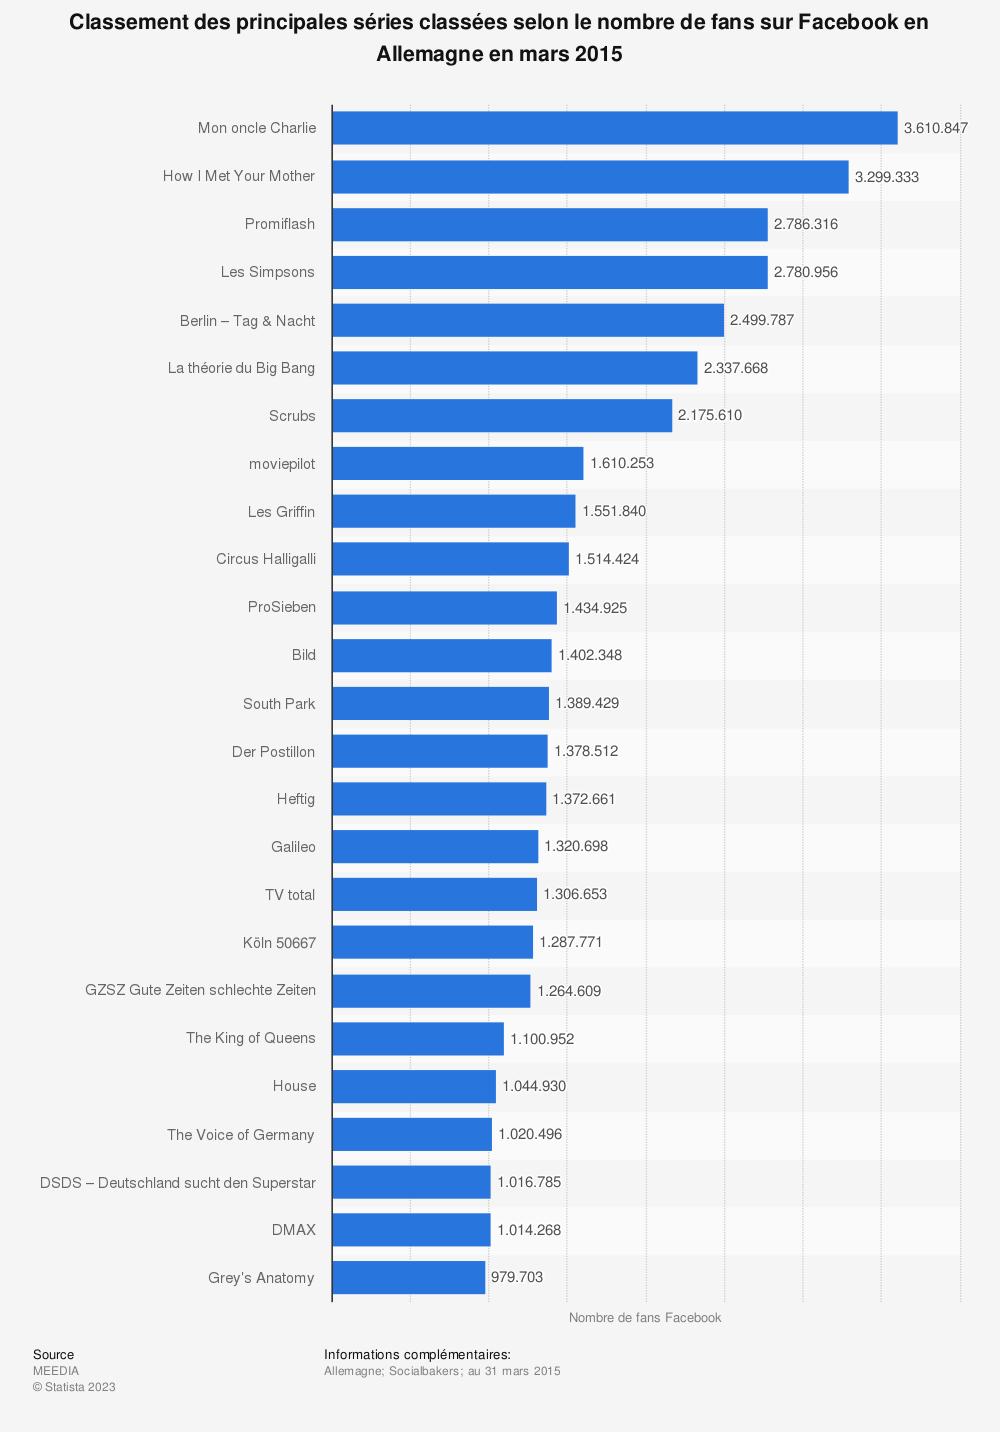 Statistique: Classement des principales séries classées selon le nombre de fans sur Facebook en Allemagne en mars 2015 | Statista